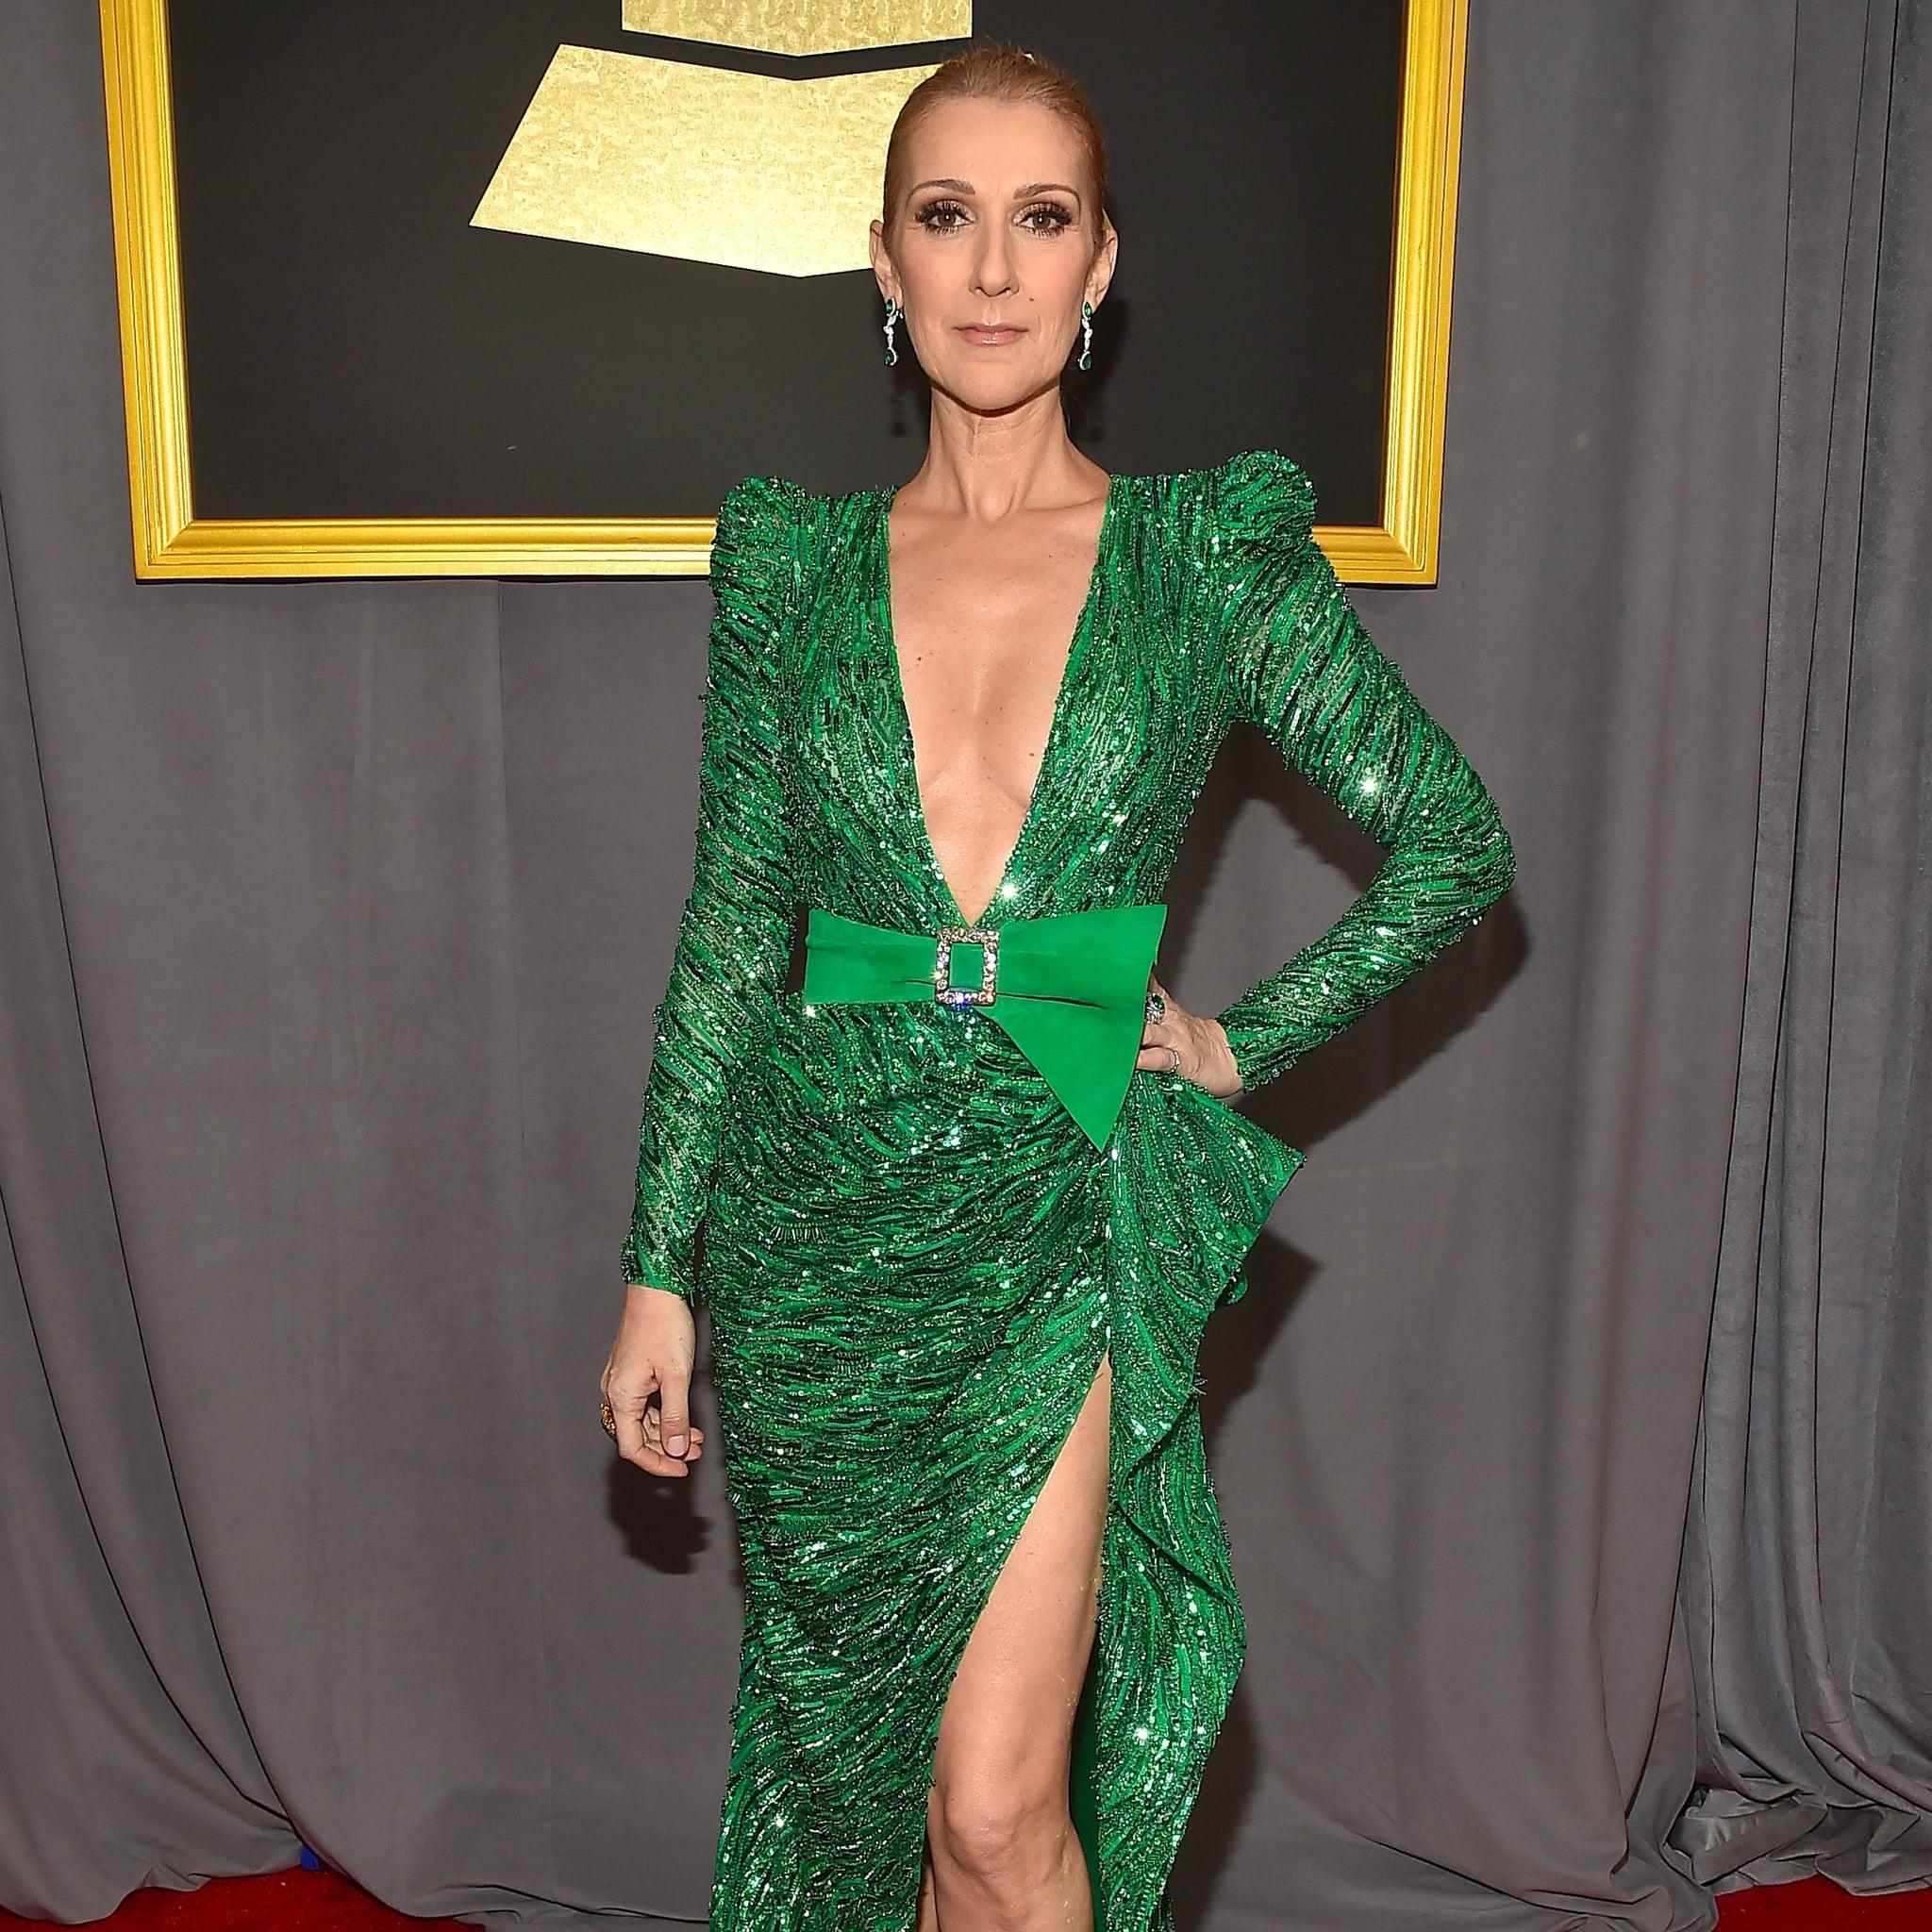 Celine Dion\'s Zuhair Murad Dress at the 2017 Grammys | POPSUGAR Fashion